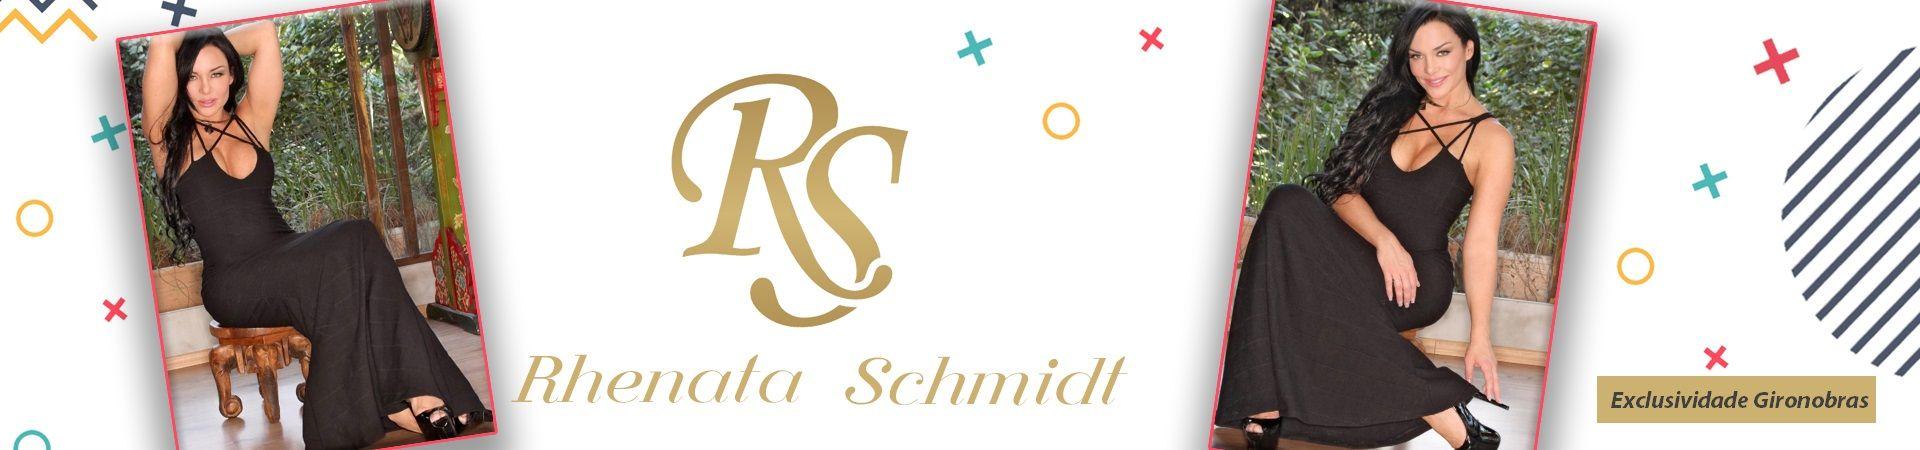 Rhenata Schmidt